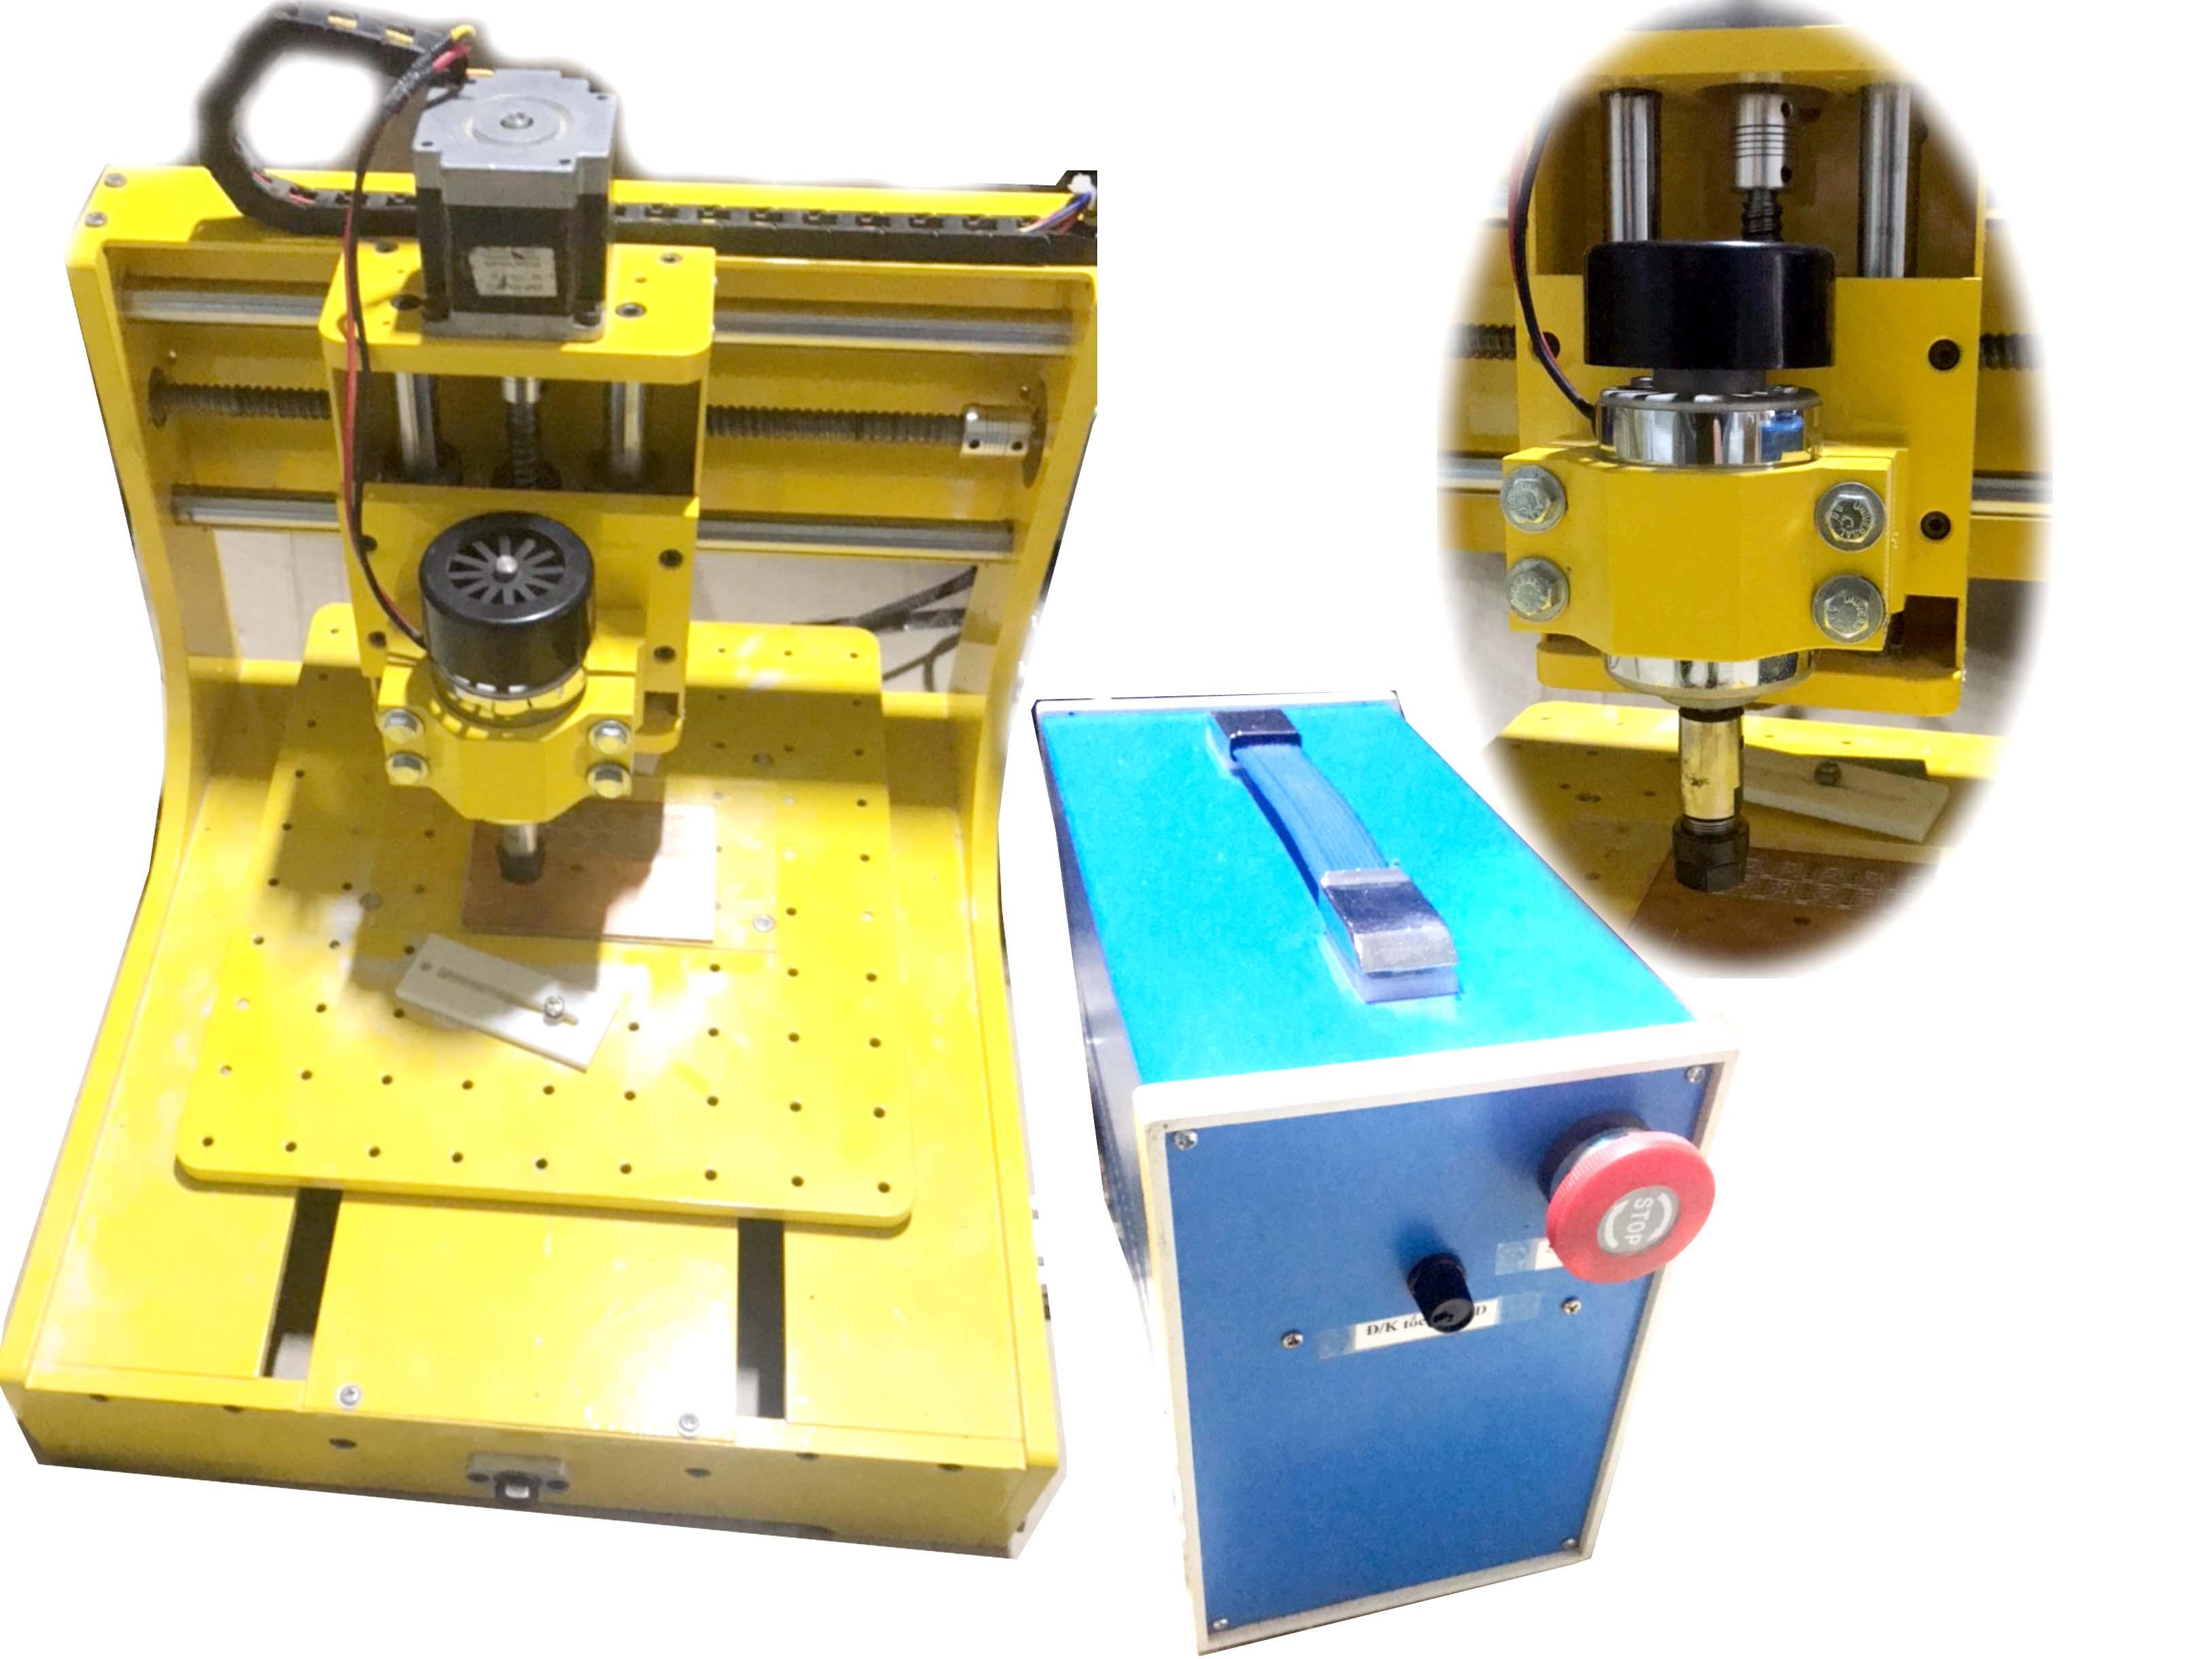 Máy phay khắc CNC 3D Mach3 khổ 20x20 cm